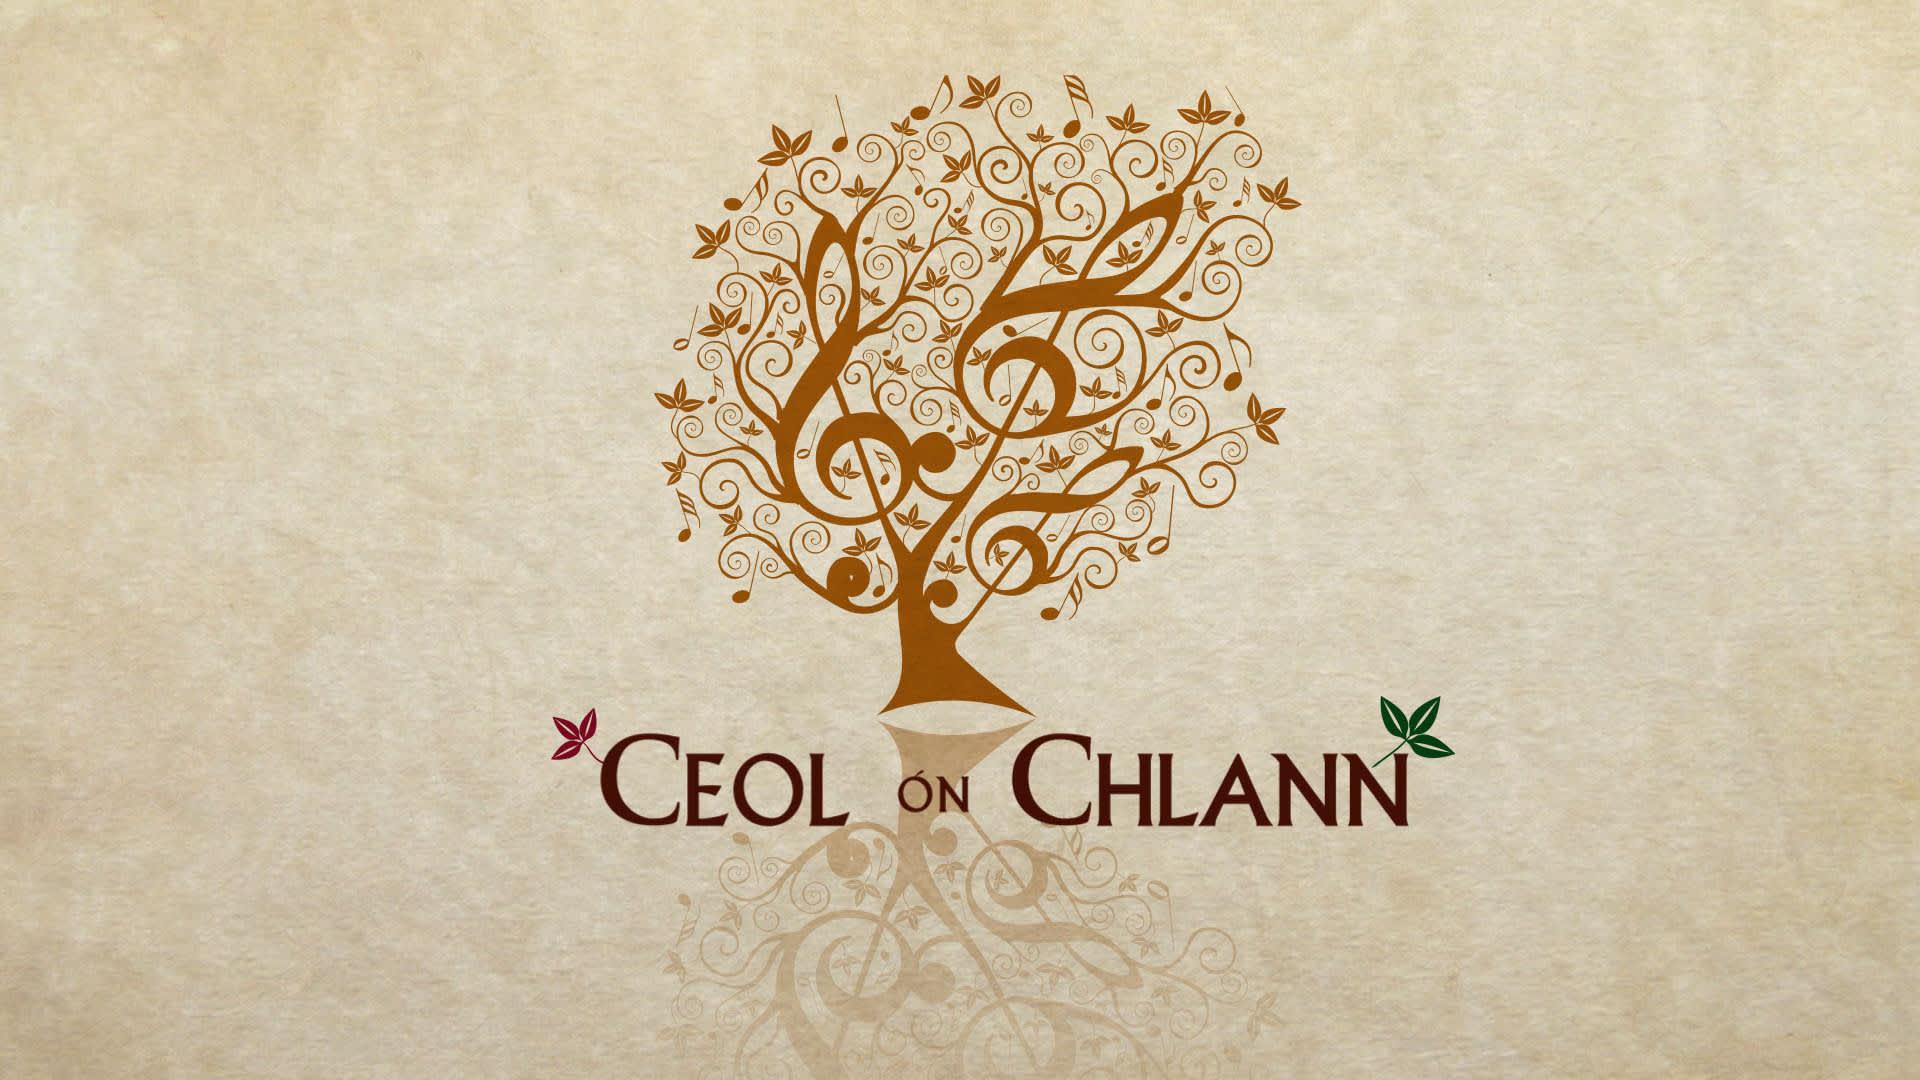 Ceol ón Chlann